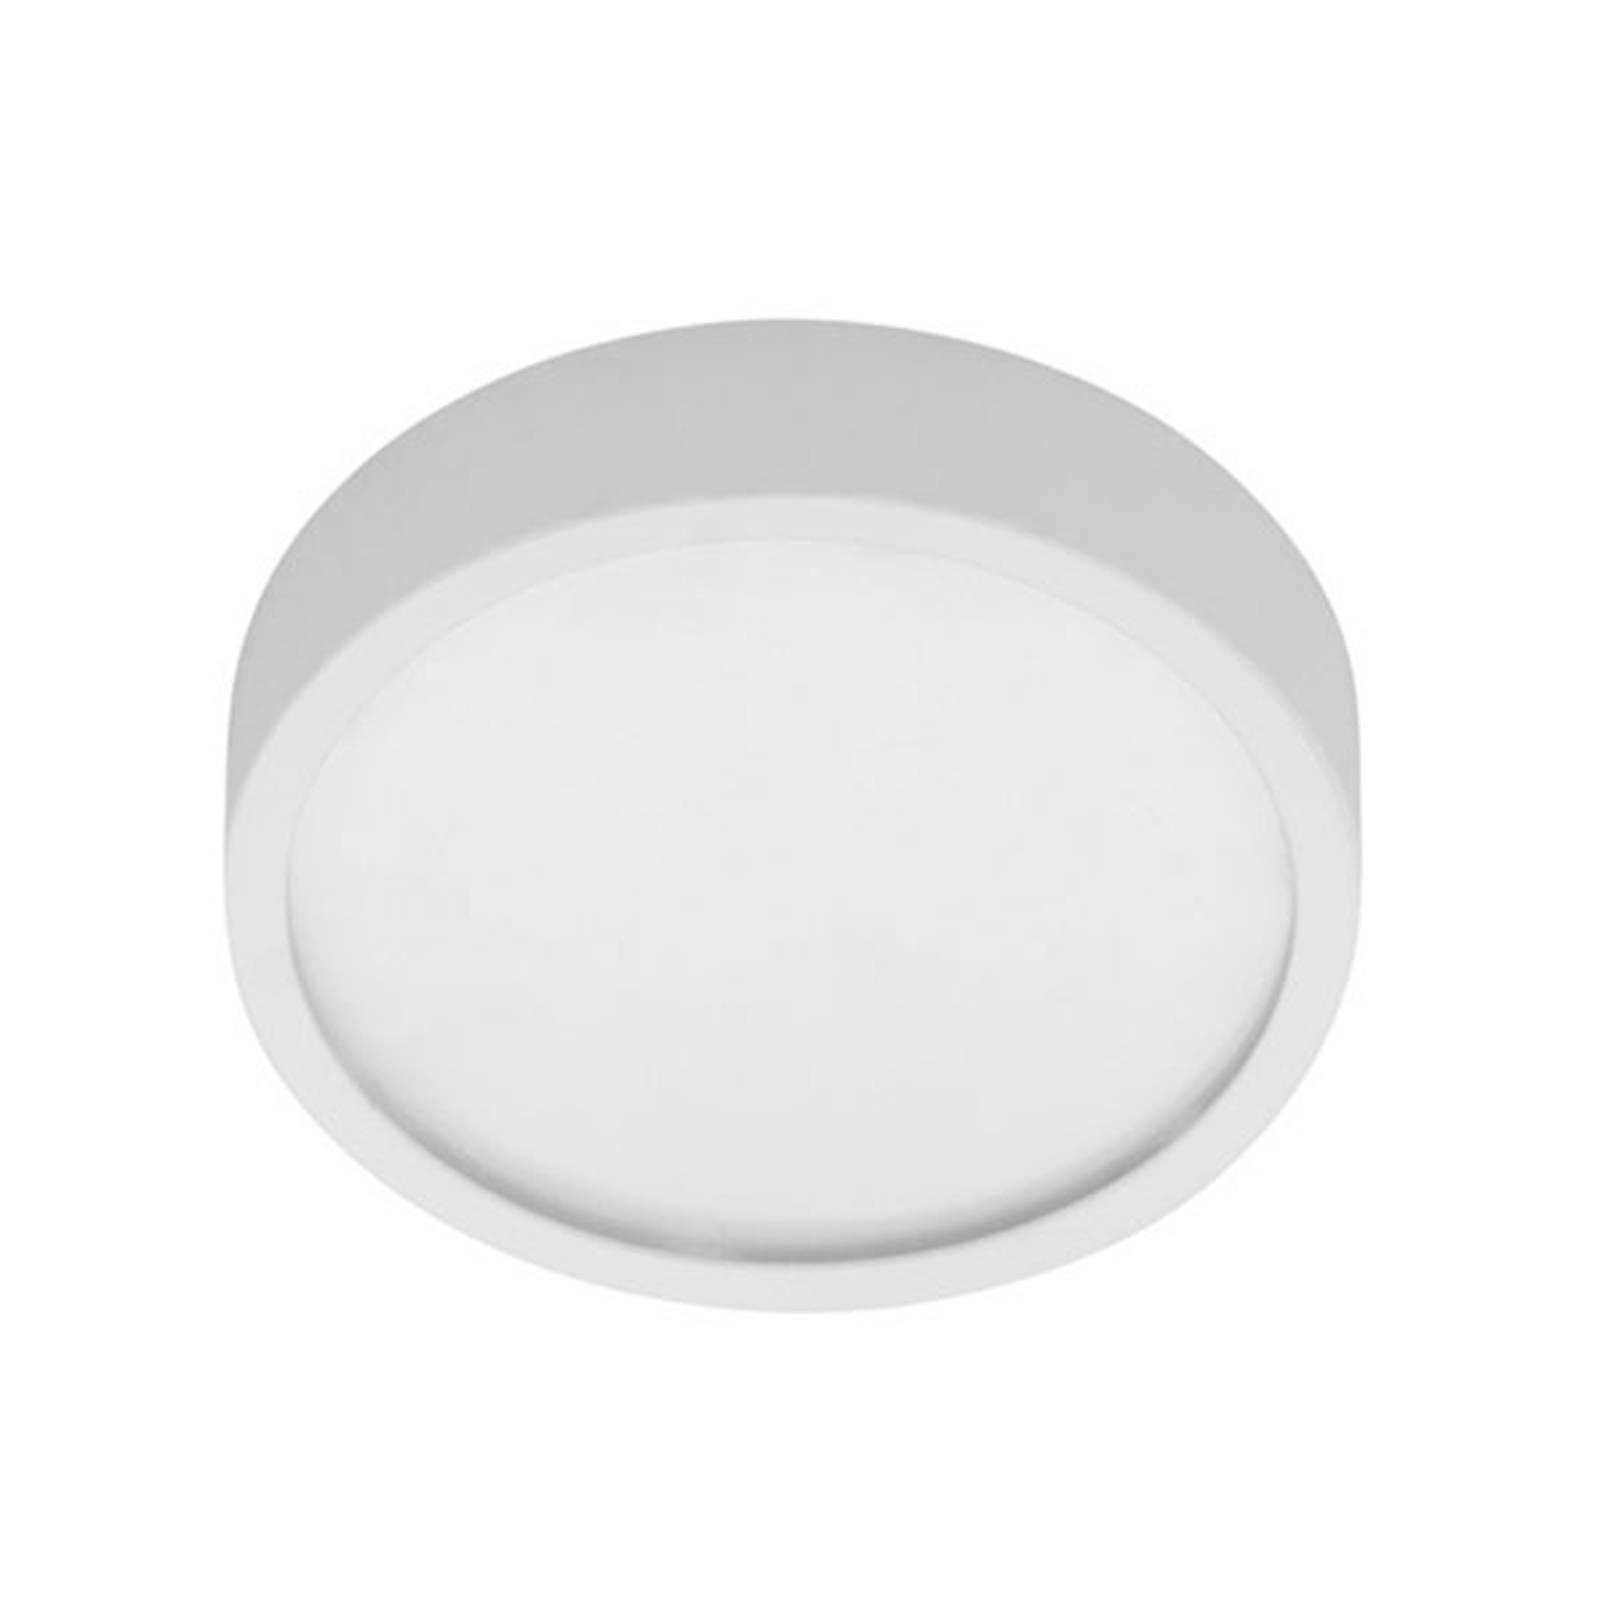 LED-kattovalaisin pyöreä BAP-sopivuus,14W, 4 000 K